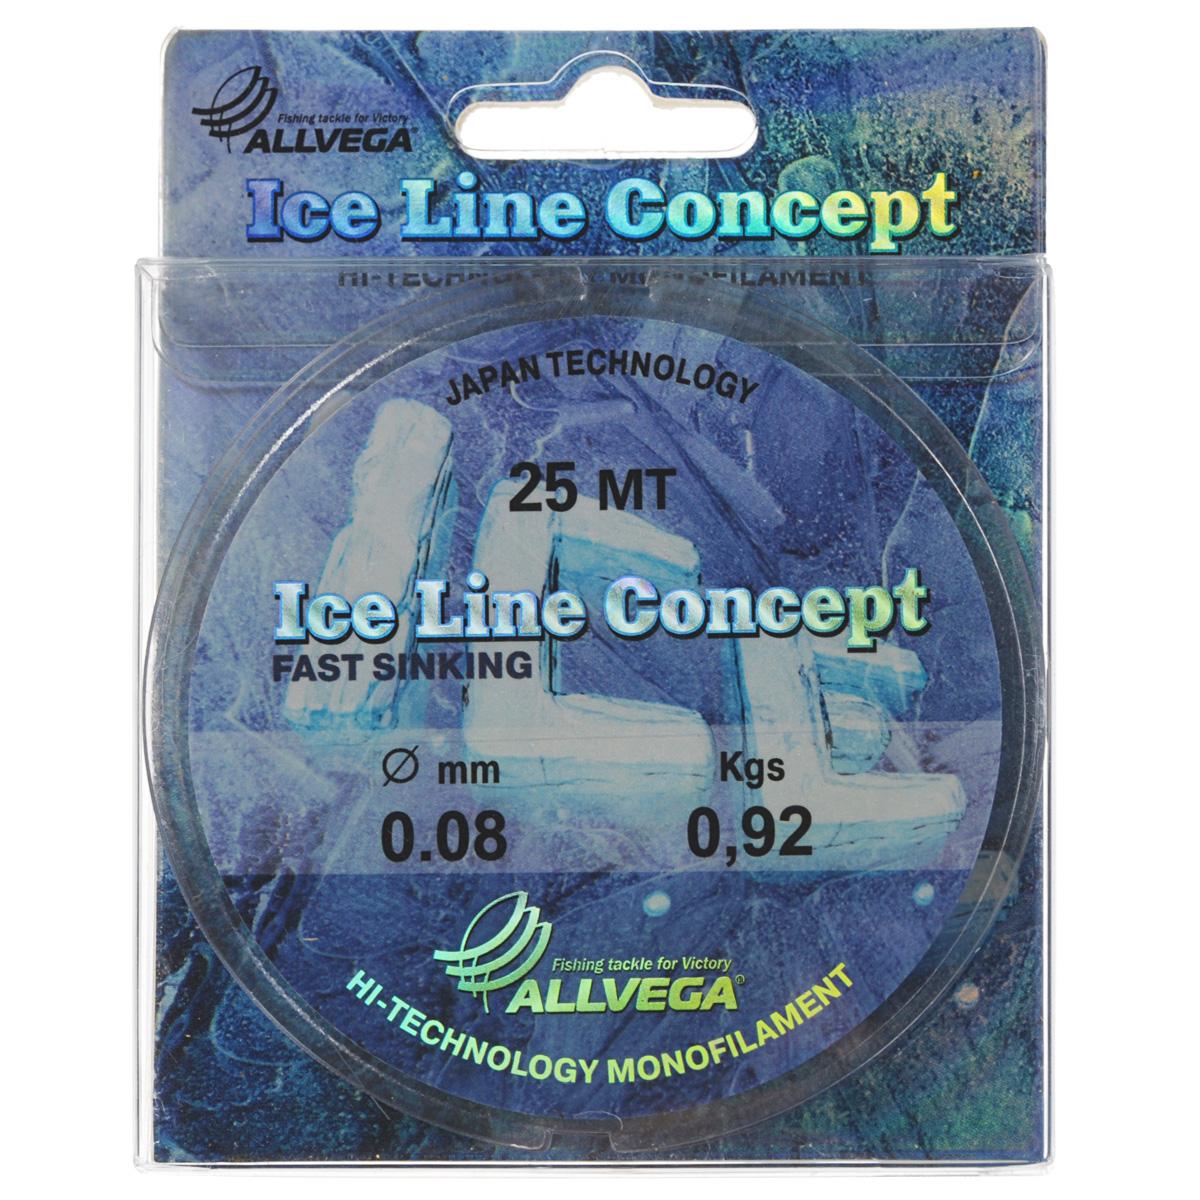 Леска Allvega Ice Line Concept, сечение 0,08 мм, длина 25 м36160Специальная зимняя леска Allvega Ice Line Concept для низких температур. Прозрачная и высокопрочная. Отсутствие механической памяти, позволяет с успехом использовать ее для ловли на мормышку.